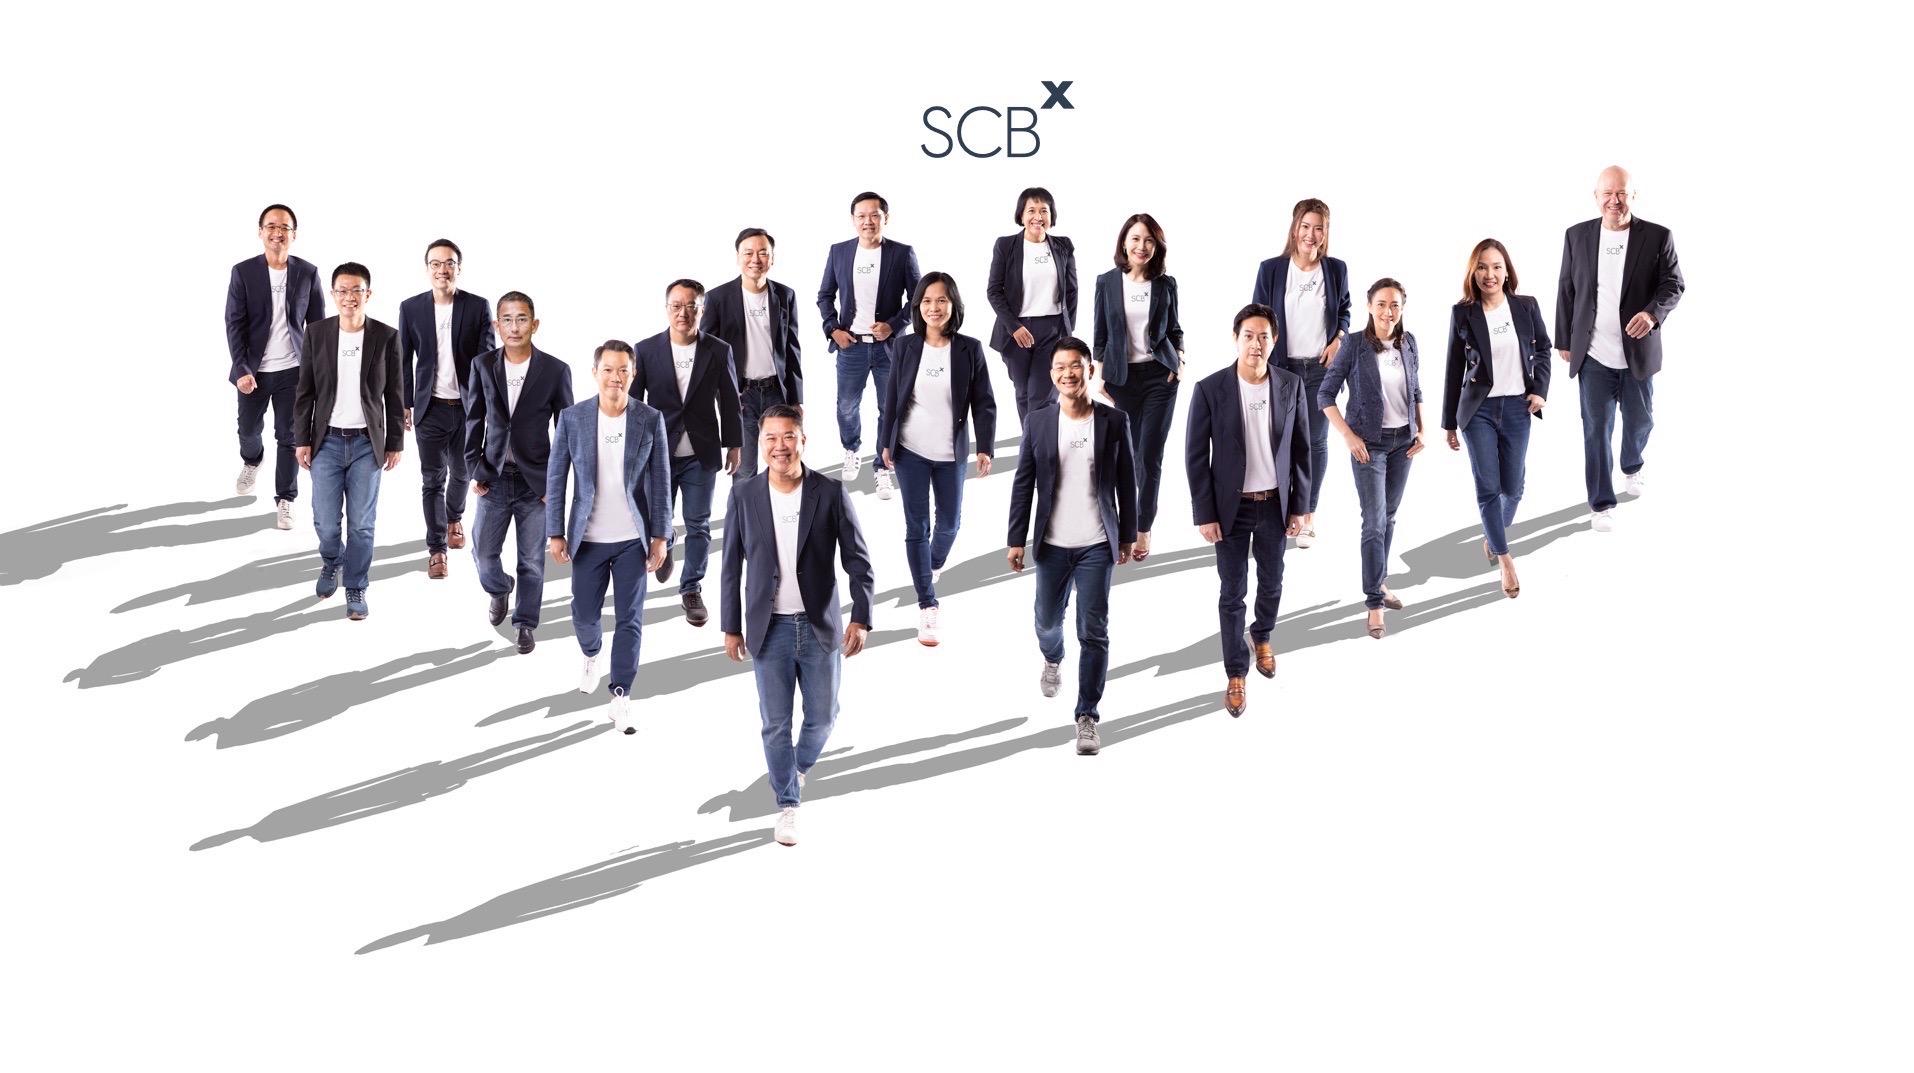 """เปิดวิชั่น""""SCBx"""" บริบทใหม่รุกFinTech ระดับภูมิภาค"""